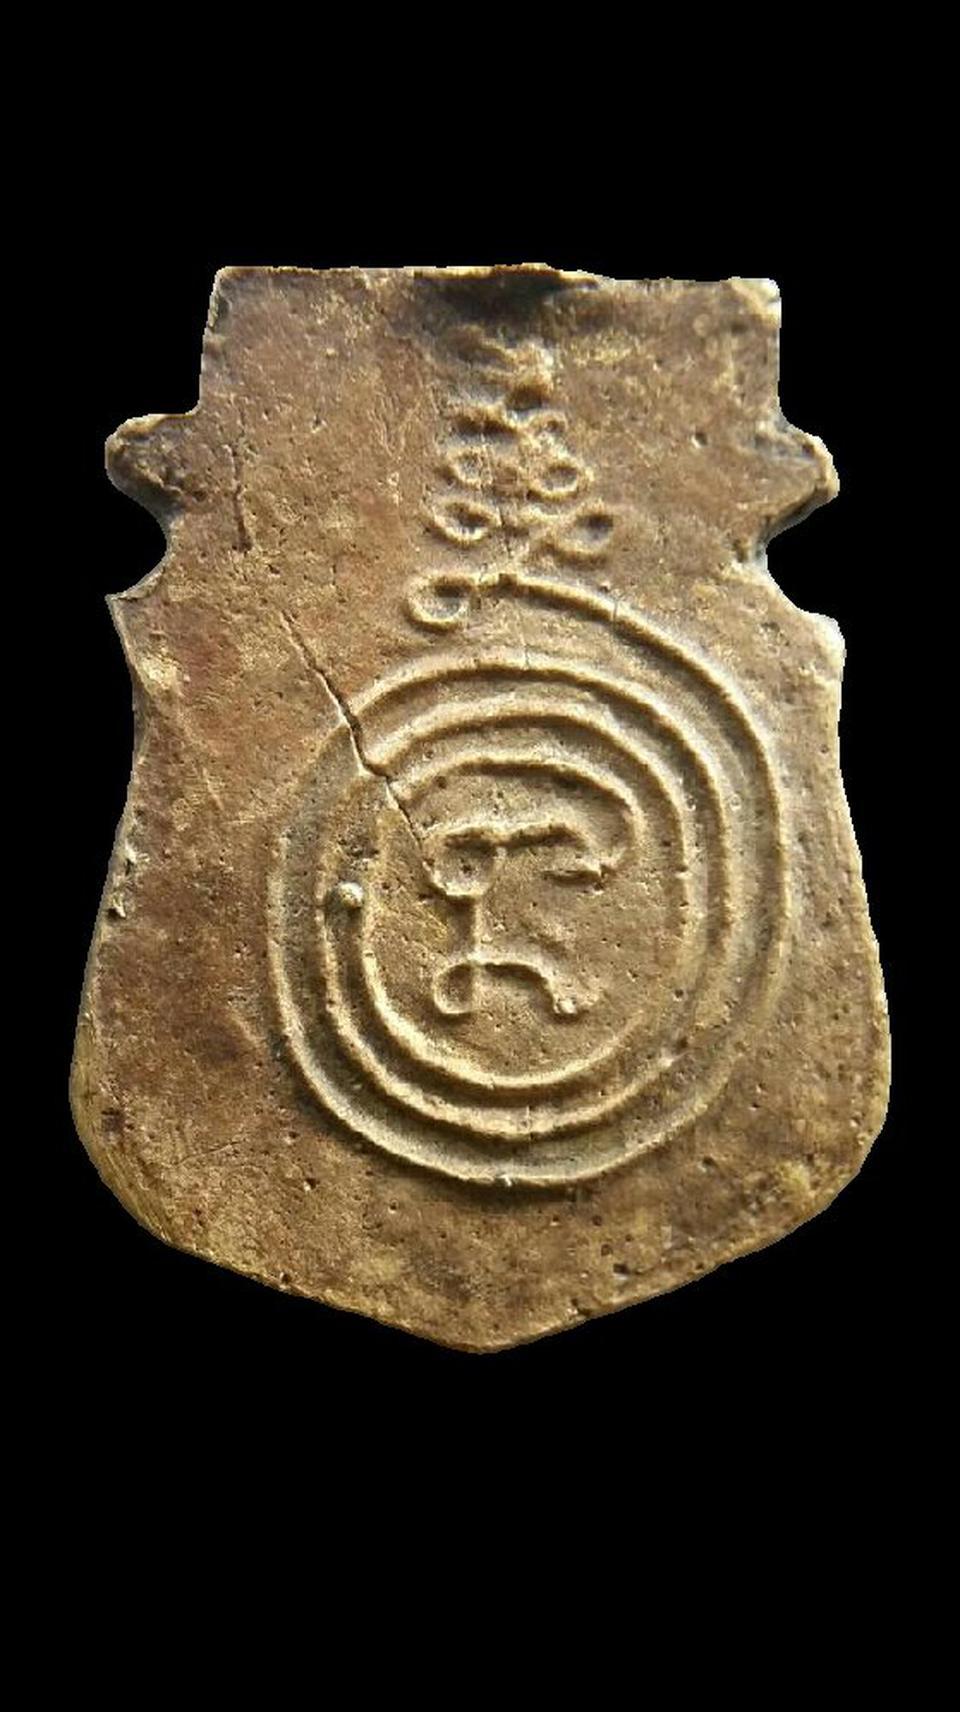 เหรียญหล่อหน้าเสือ รุ่นแรก หลวงพ่อน้อย วัดธรรมศาลา รูปที่ 2